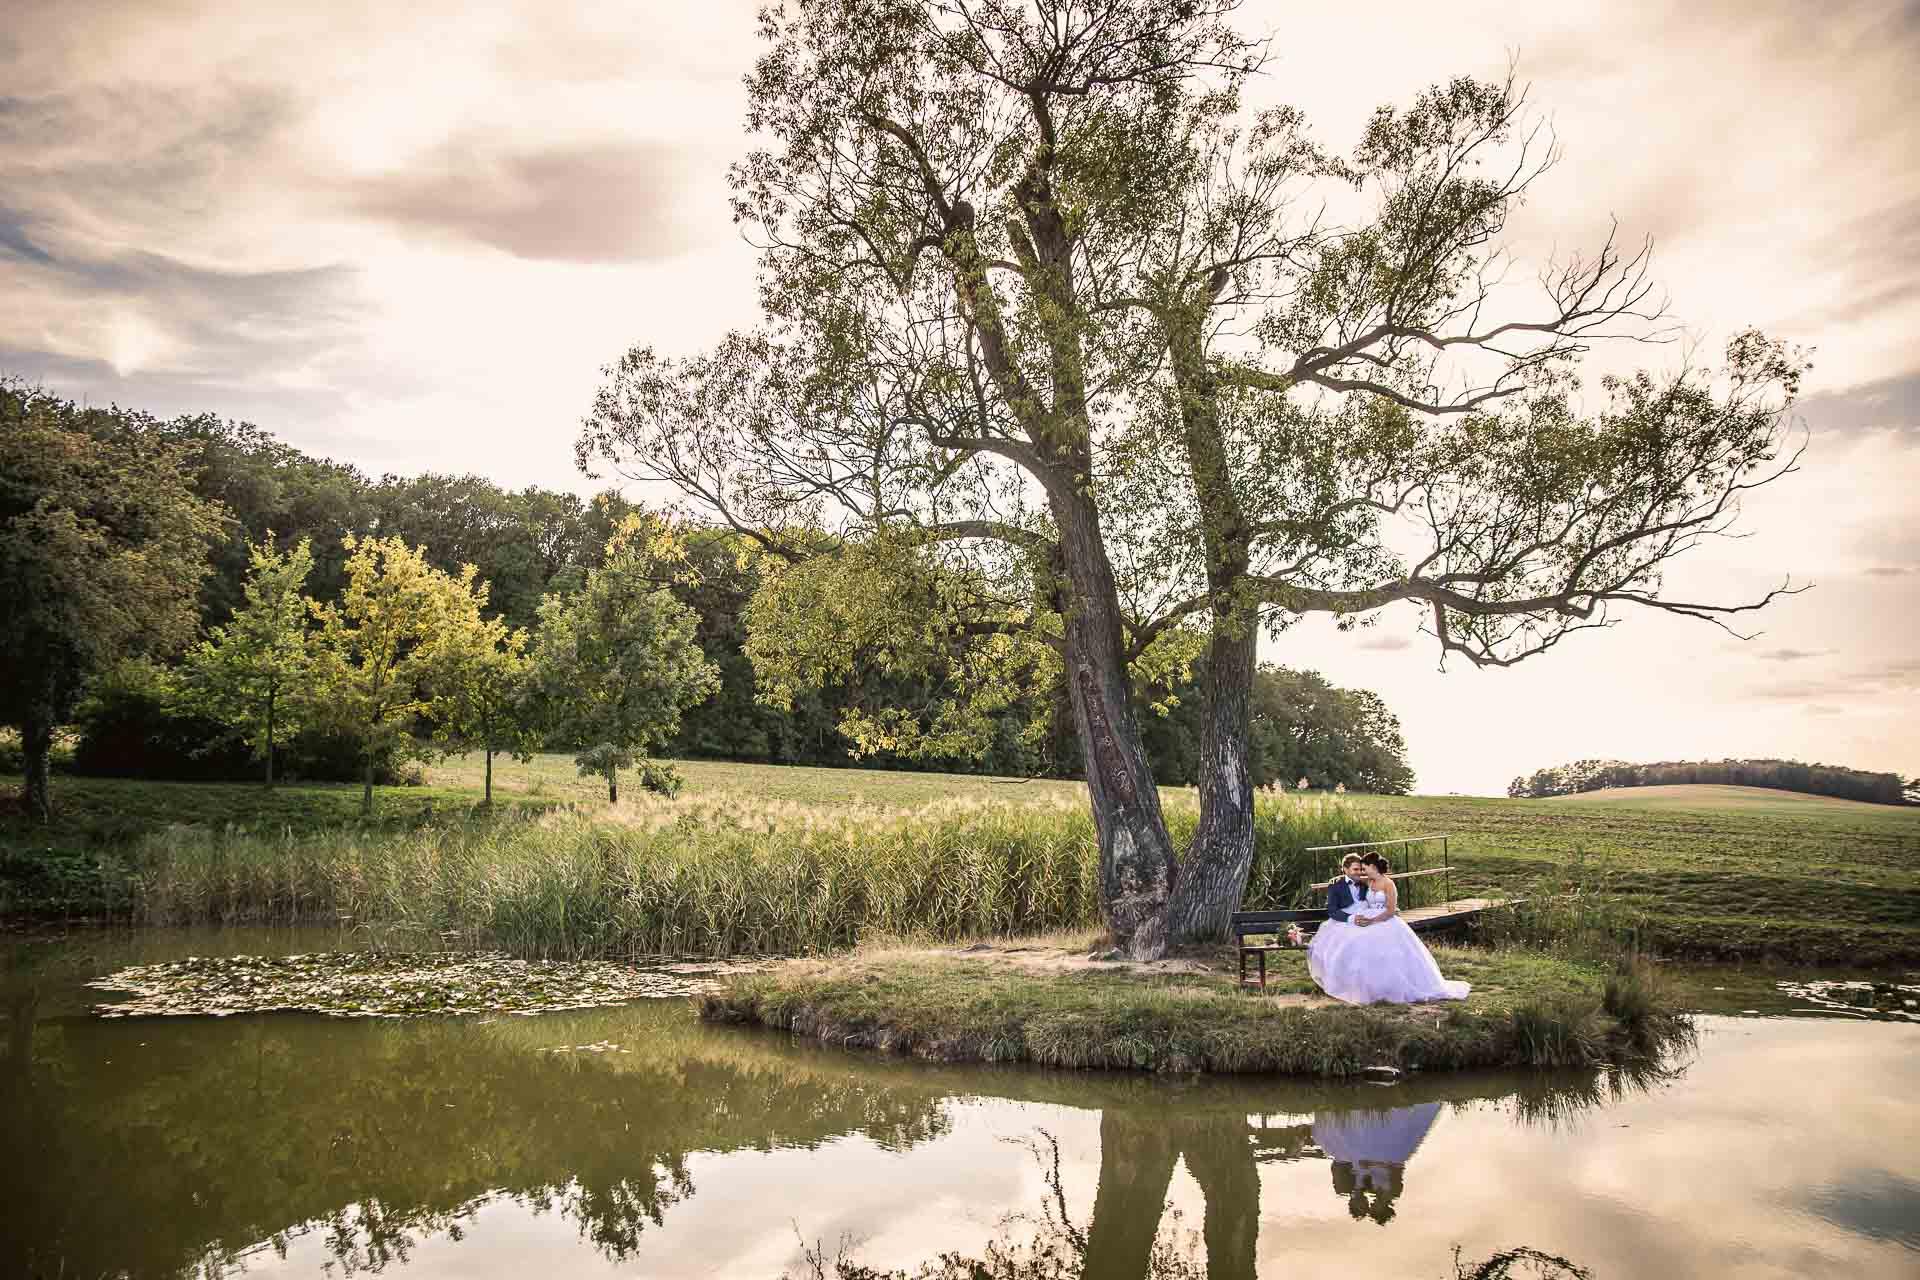 svatební-fotografie-Říp-svatební-video-ŘÍP-svatební-fotograf-ŘÍP-svatba-Mělník-svatba-Neratovice-fotograf-na-savtbu-kameraman-na-svatbu-385